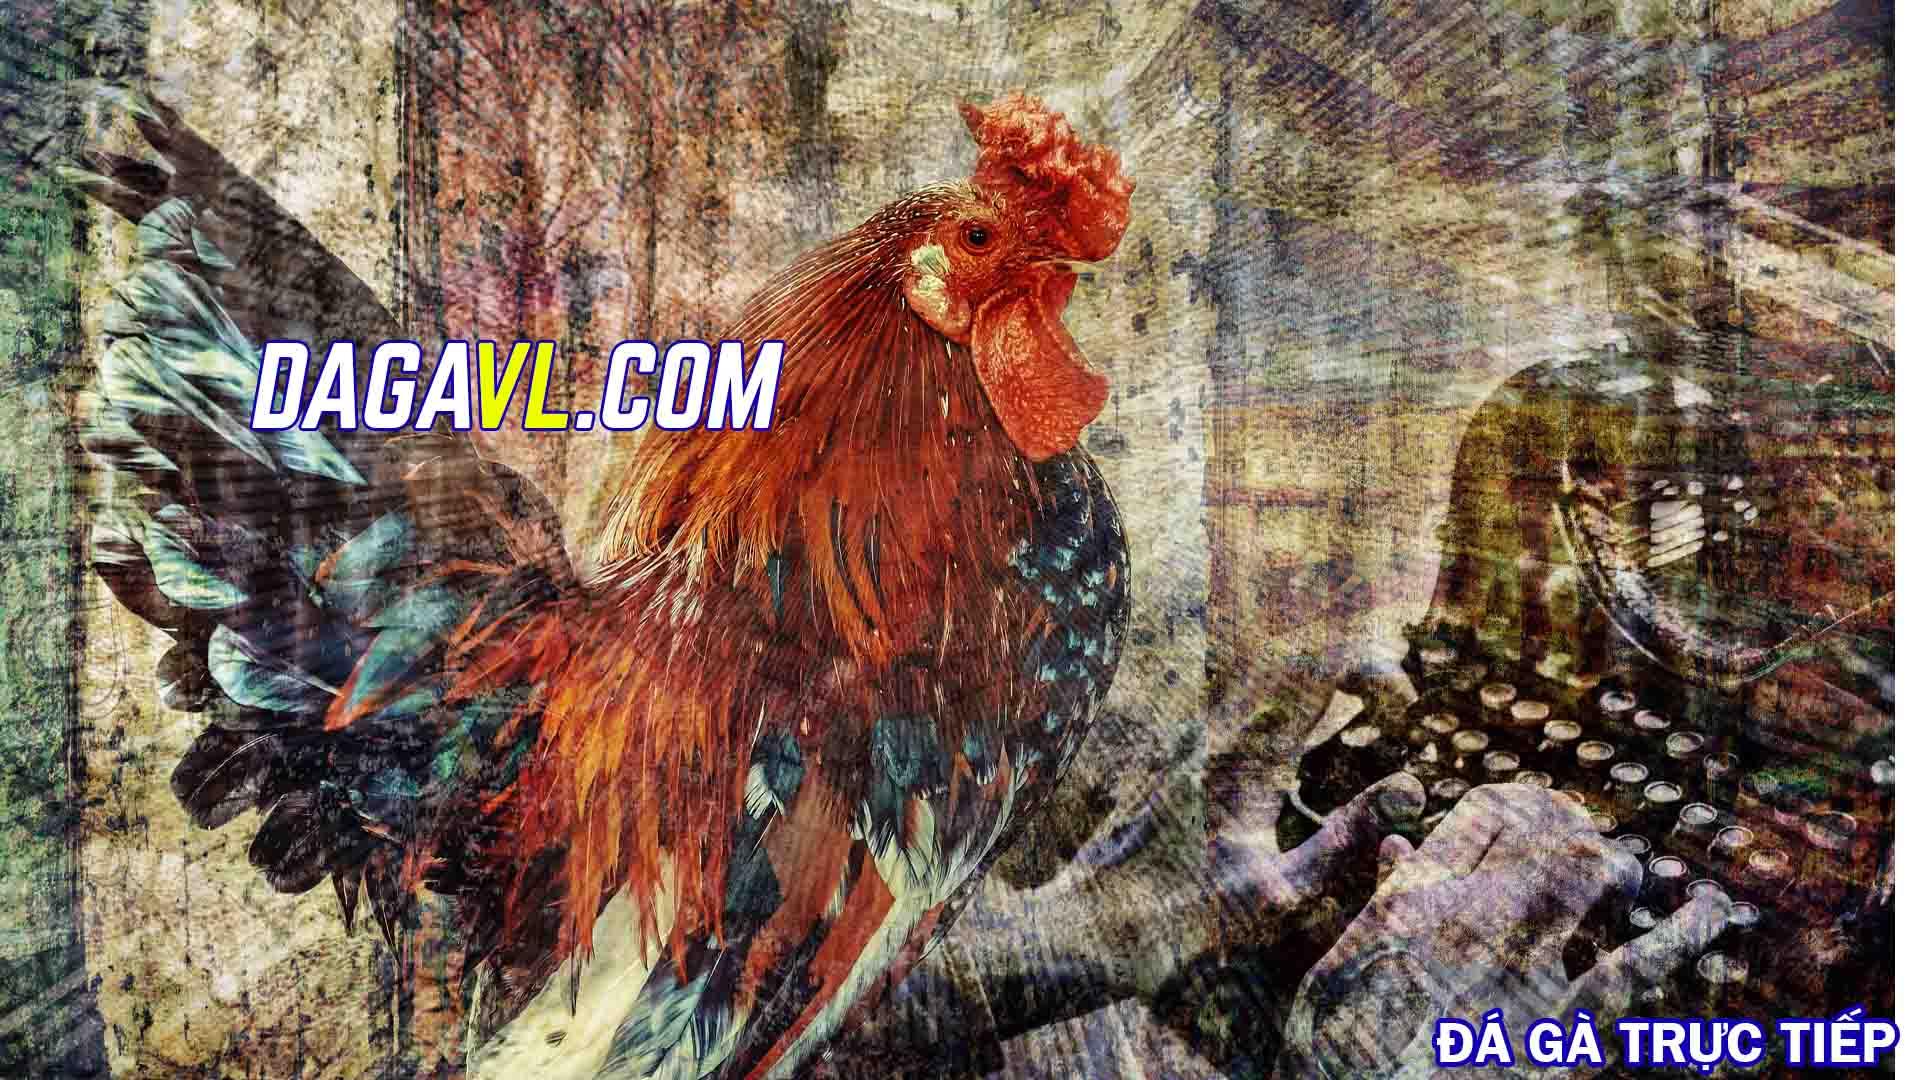 DAGAVL.COM - Nuôi gà đá bán giá trị kinh tế cao